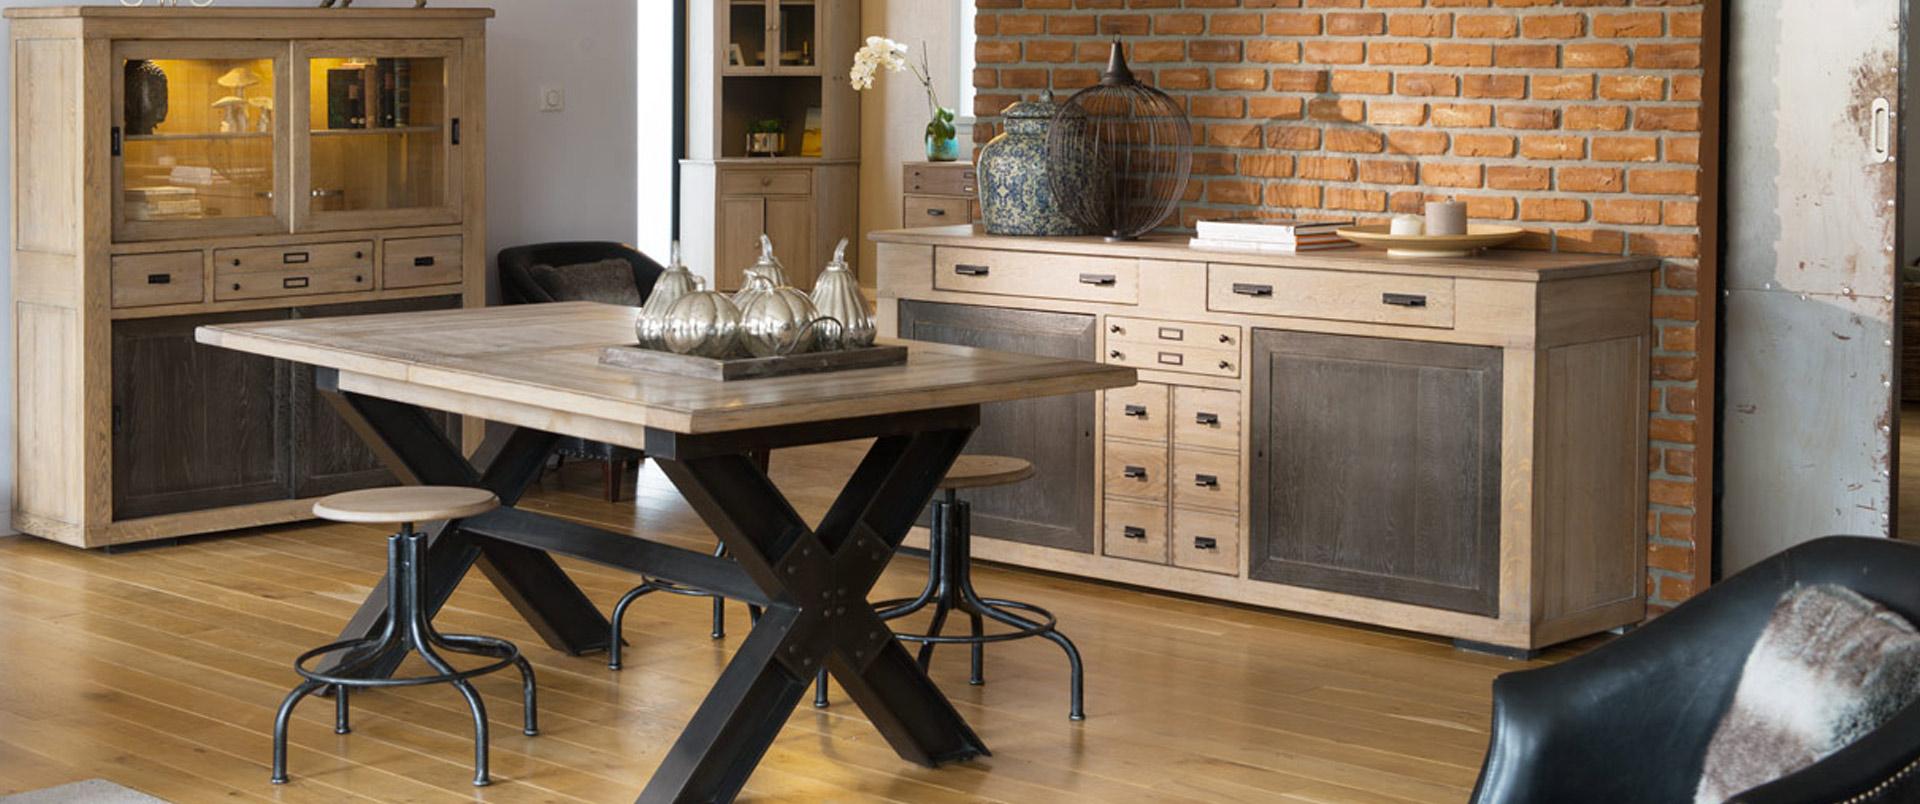 magasin meuble saint egreve trendy vos fabricants de cuisines et meubles saintgrve vente de. Black Bedroom Furniture Sets. Home Design Ideas